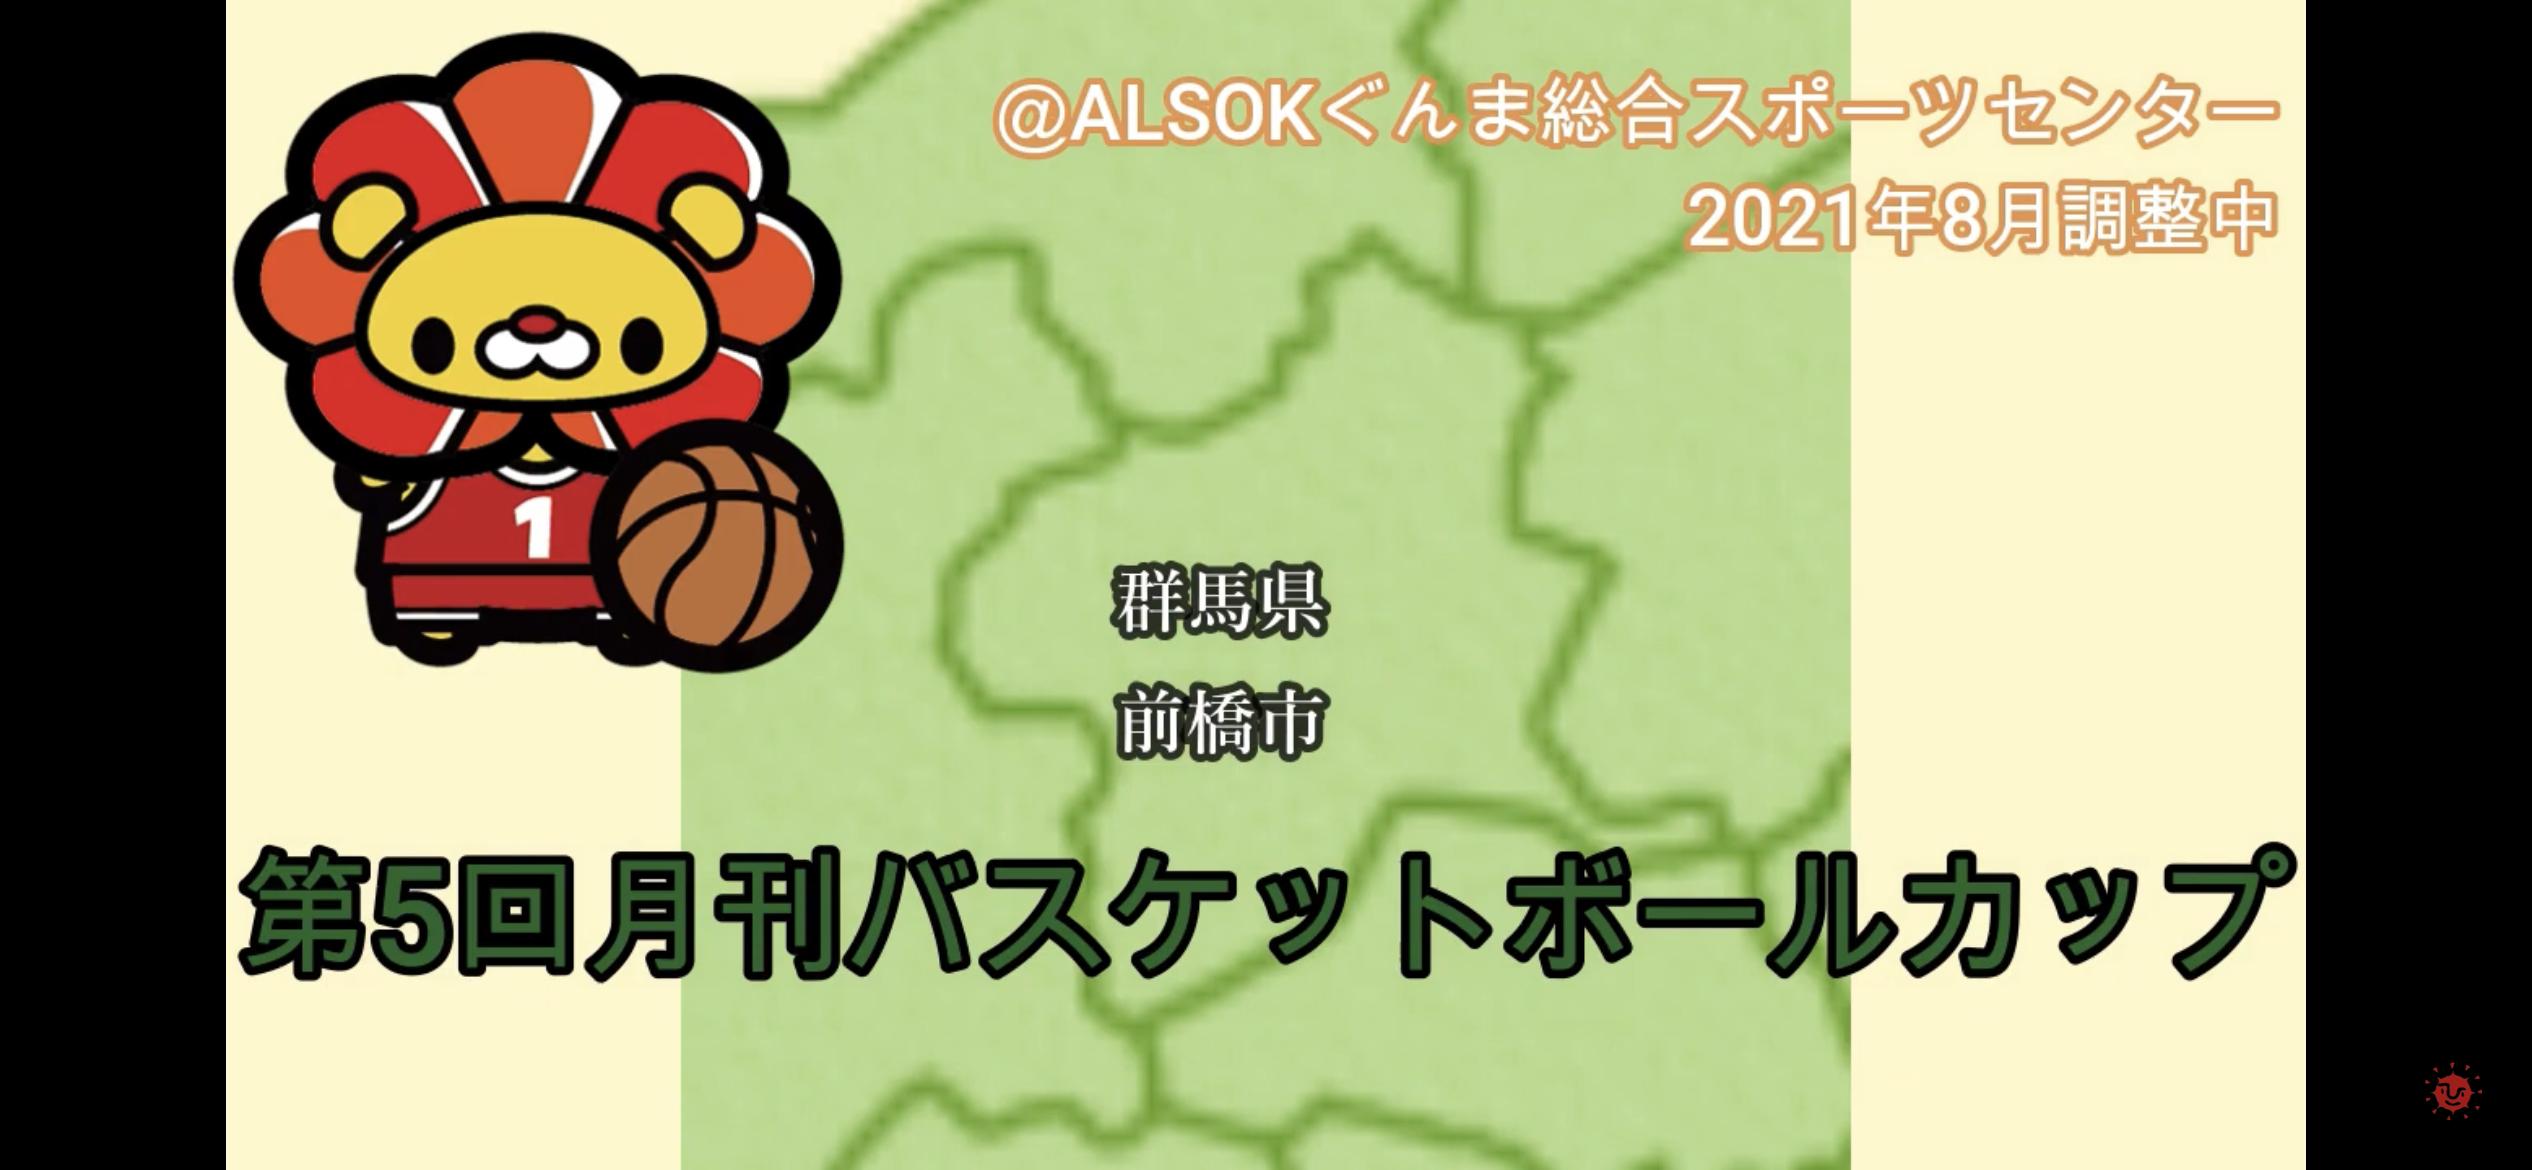 第5回 月刊バスケットボールカップ(群馬県前橋市)